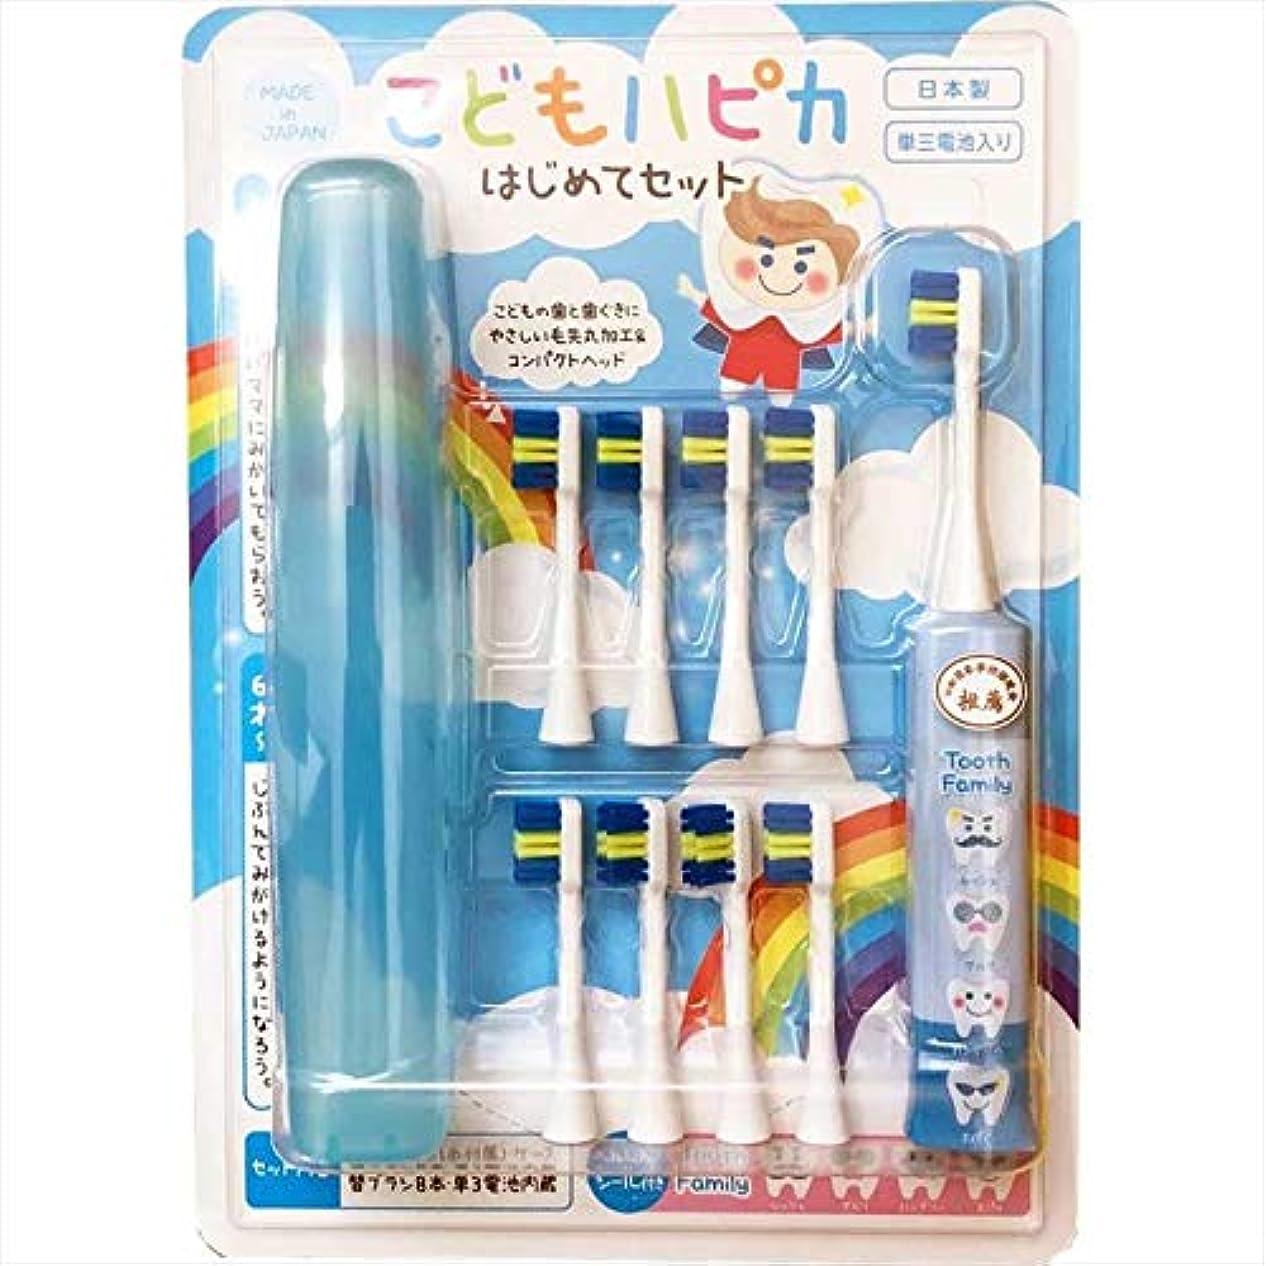 土砂降りしっとり否認するこどもハピカセット ブルー 子供用電動歯ブラシ